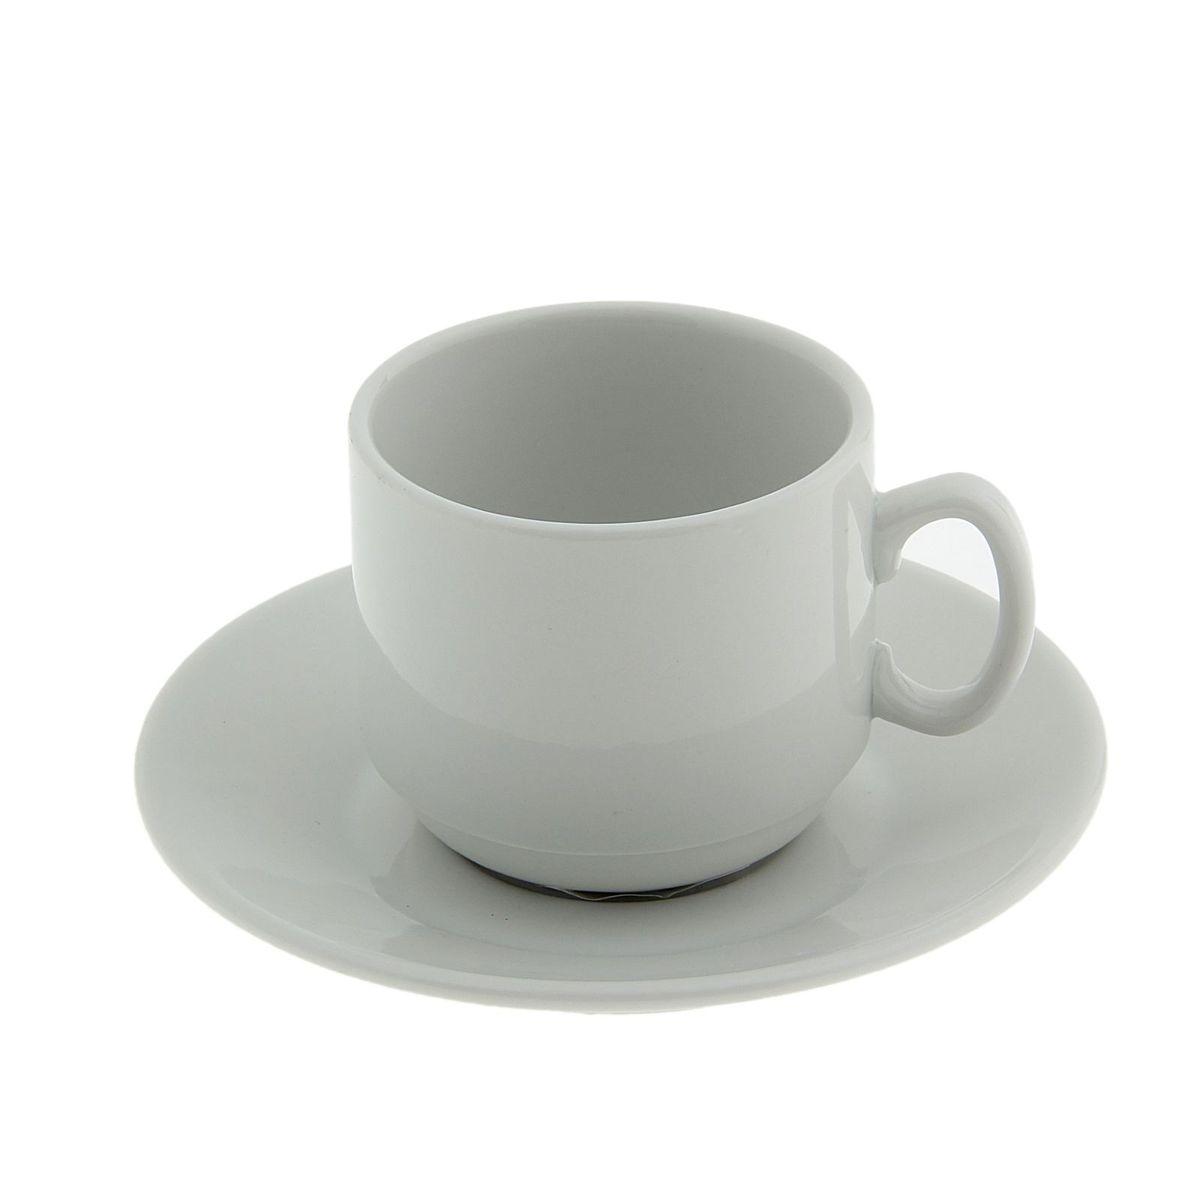 Кофейная пара Мокко. Белье, 2 предмета24478Кофейная пара Мокко. Белье изготовлен из фарфора высокого качества. Дизайн изделия снежно-белого цвета не содержит ничего лишнего. Лаконичный стиль делает предлагаемую модель удивительно элегантной.Объем чашки: 100 мл.